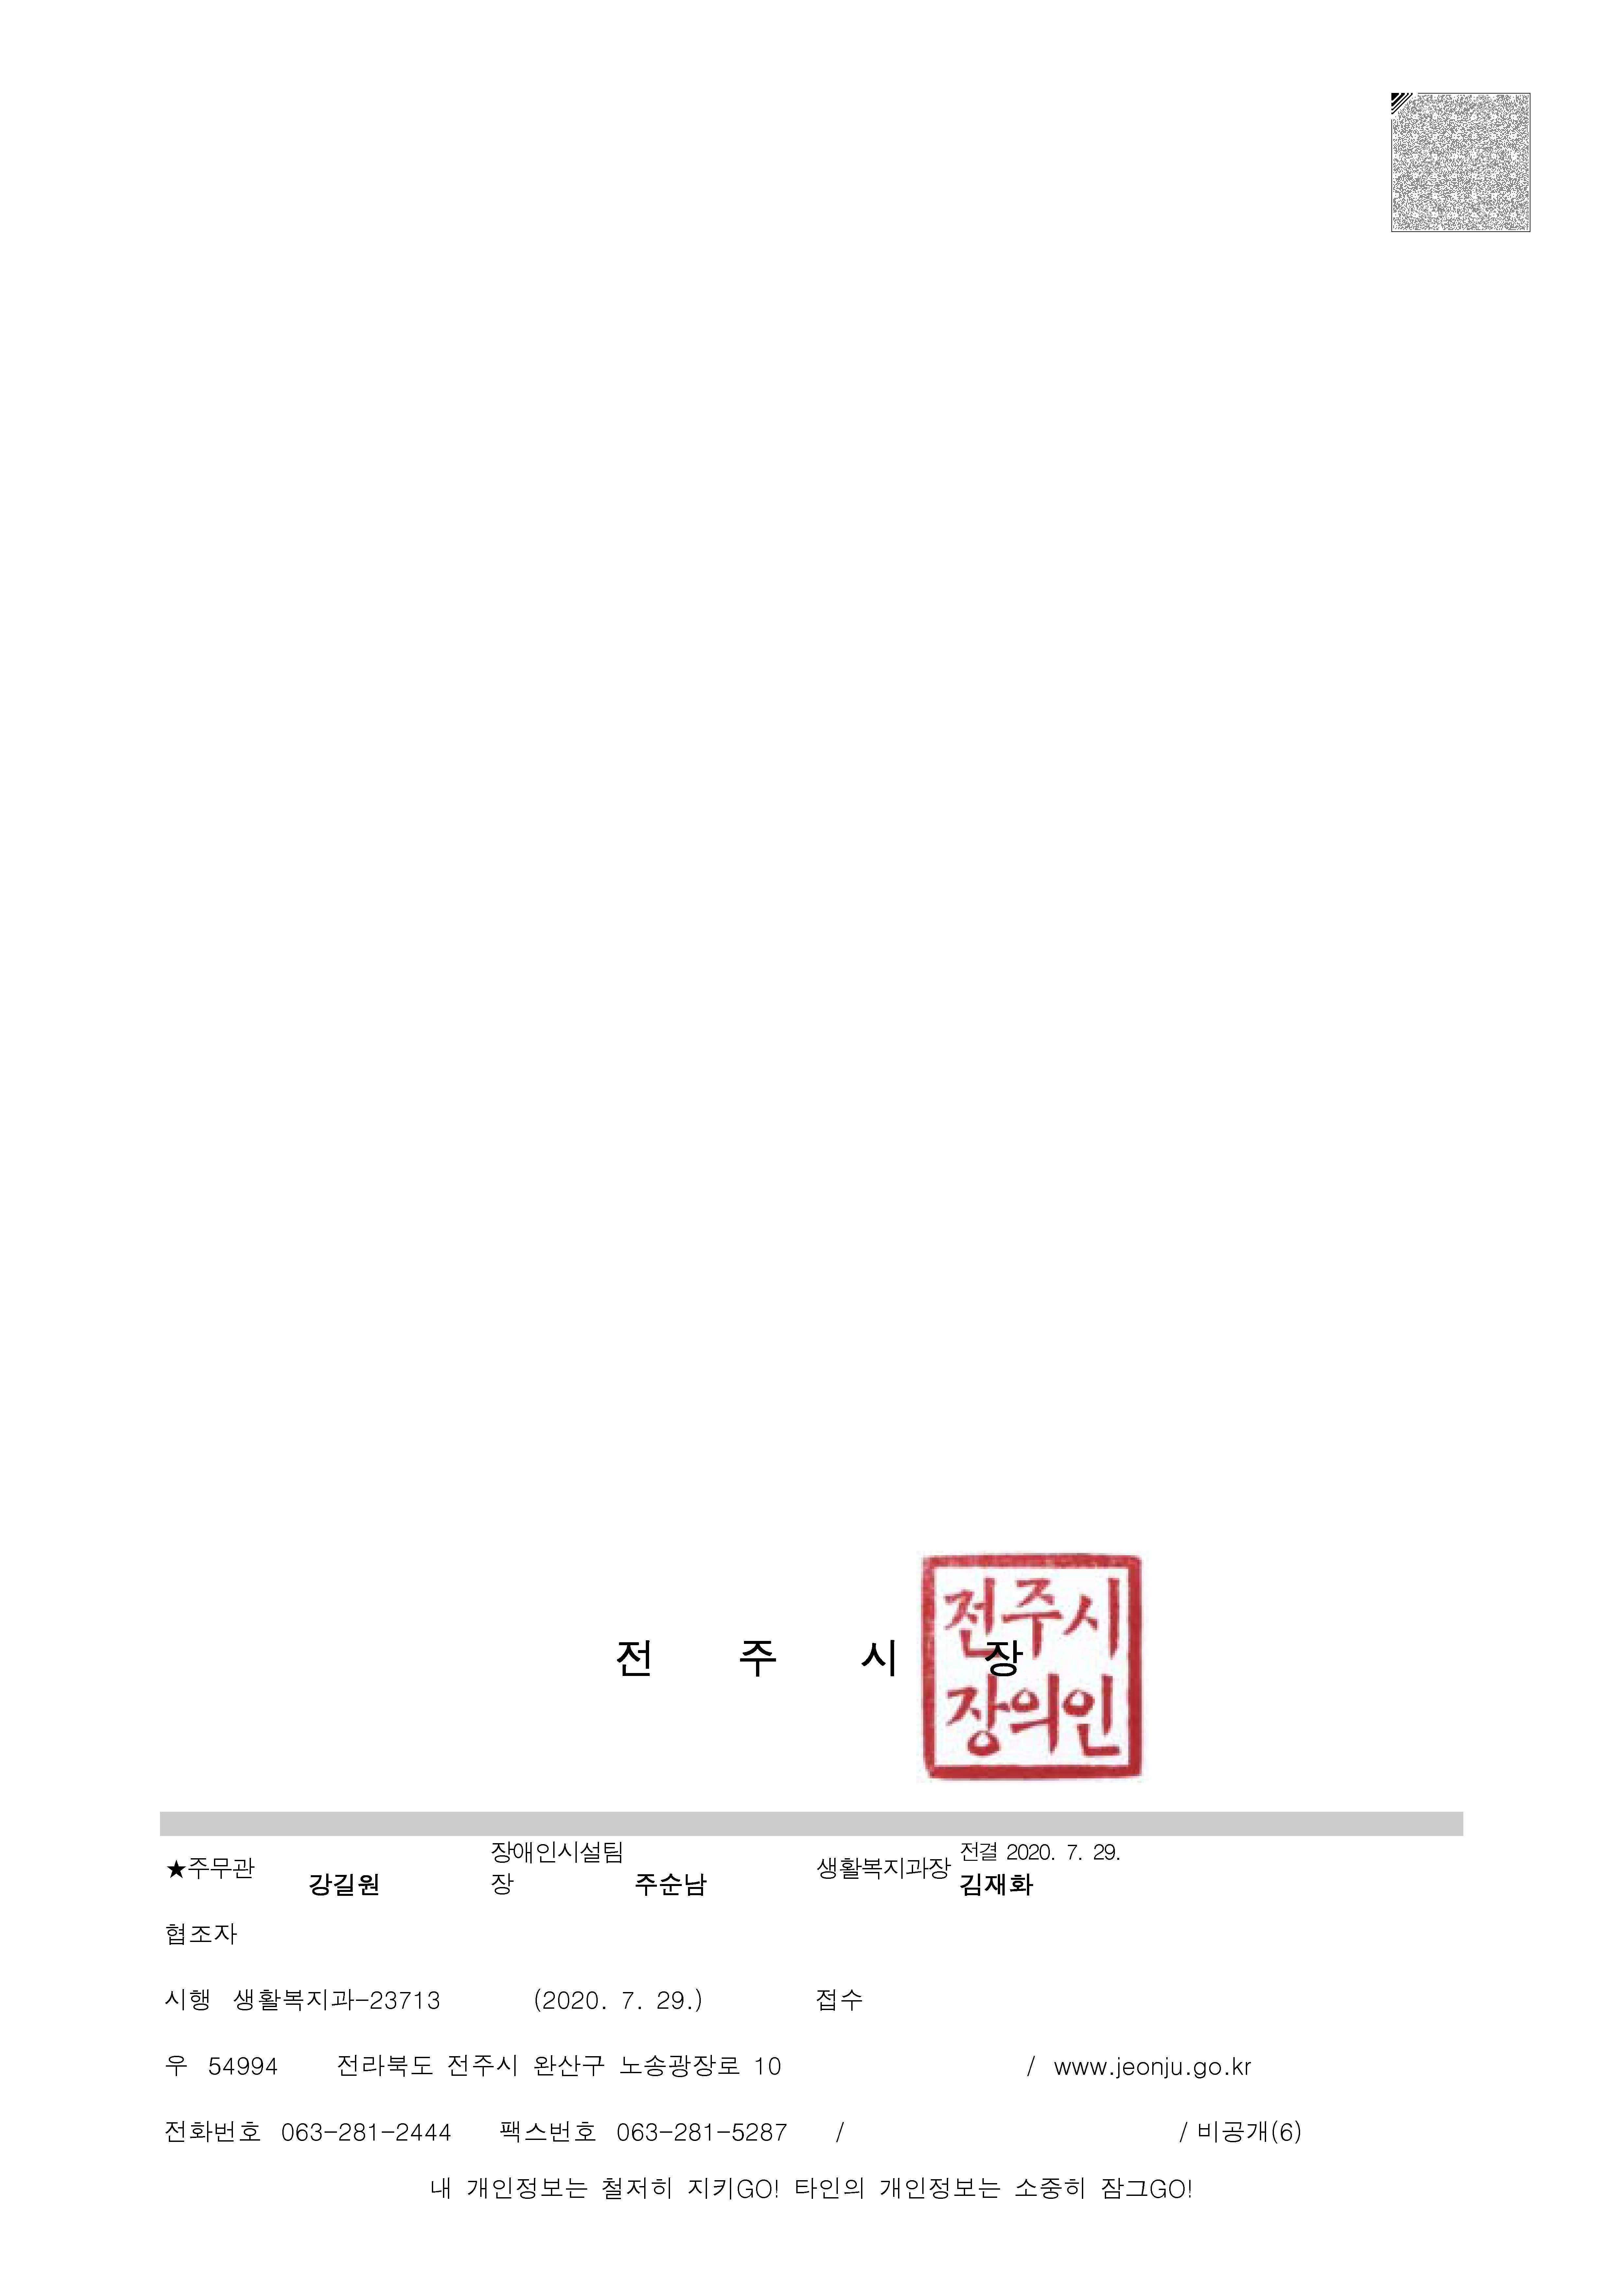 전주시 생활복지과-23713(2020.7.29)호_사회복지사 자격 취소.정지 절차 안내_페이지_2.jpg